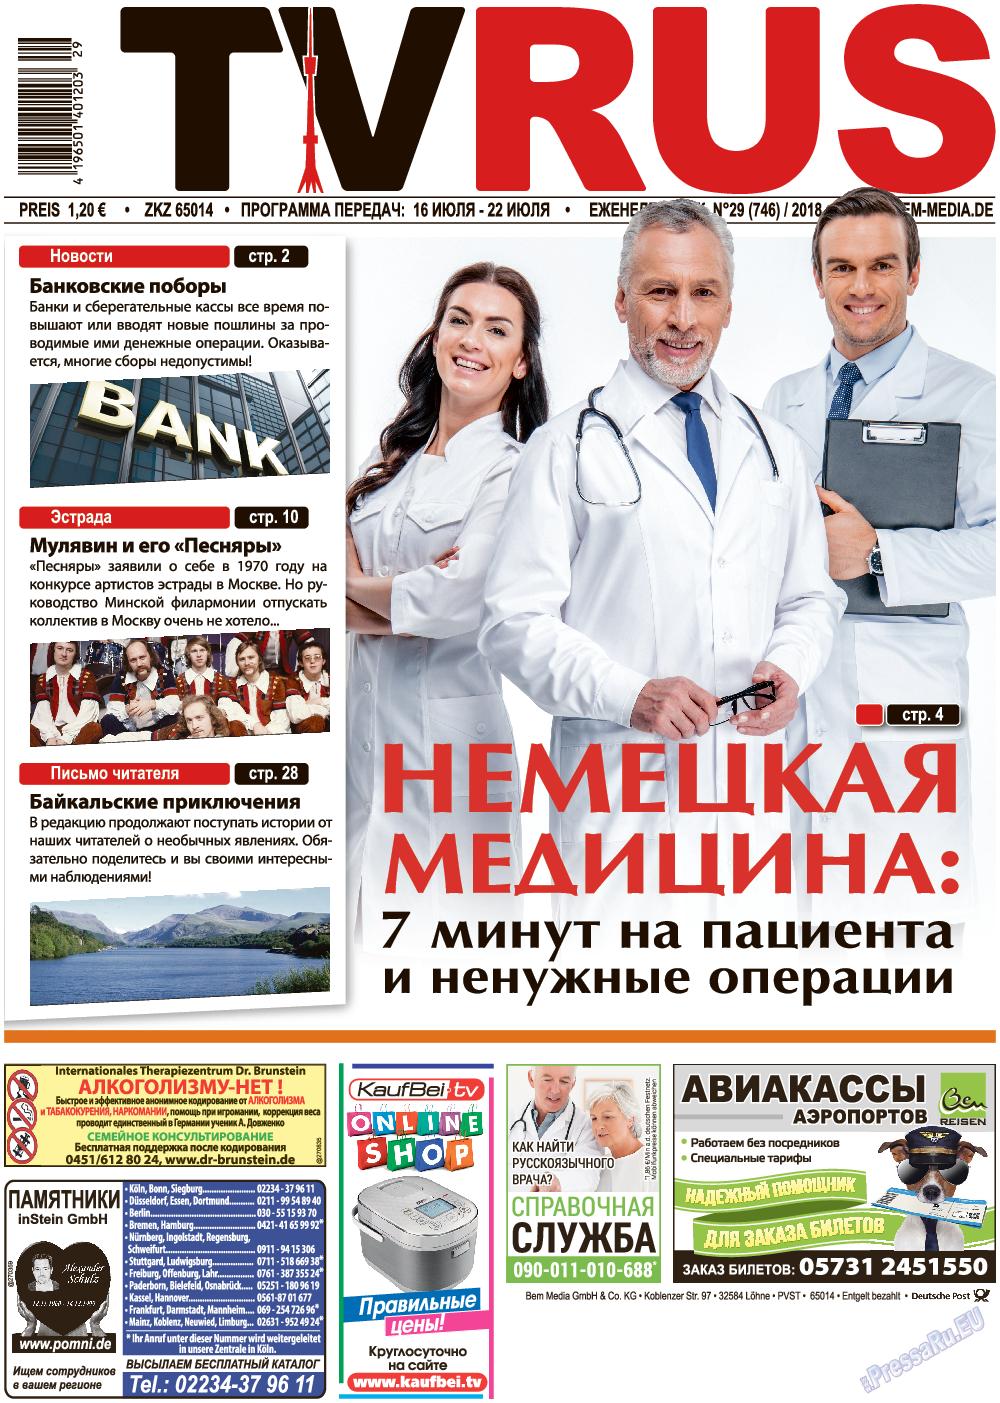 TVrus (газета). 2018 год, номер 29, стр. 1